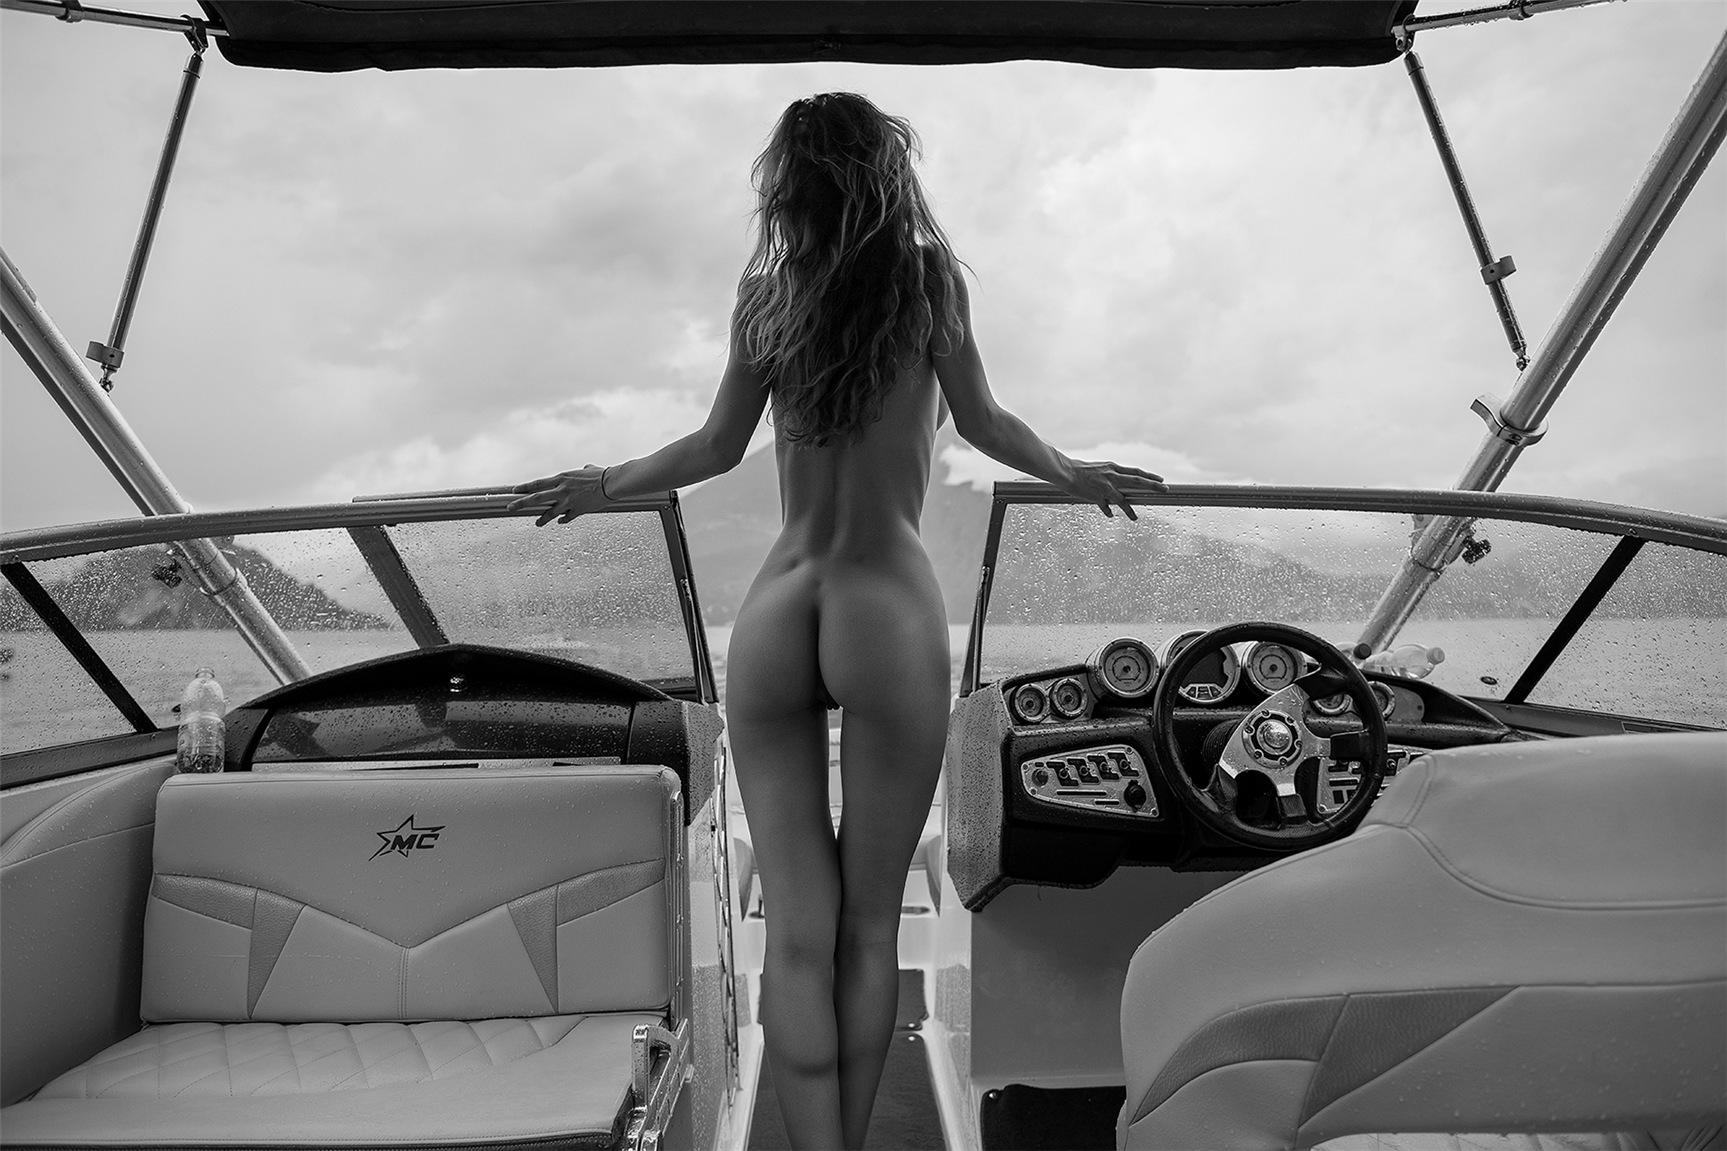 Эротические работы фотографа Александра Лищинского / Art Nude photo by Aleksandr Lishchinskiy